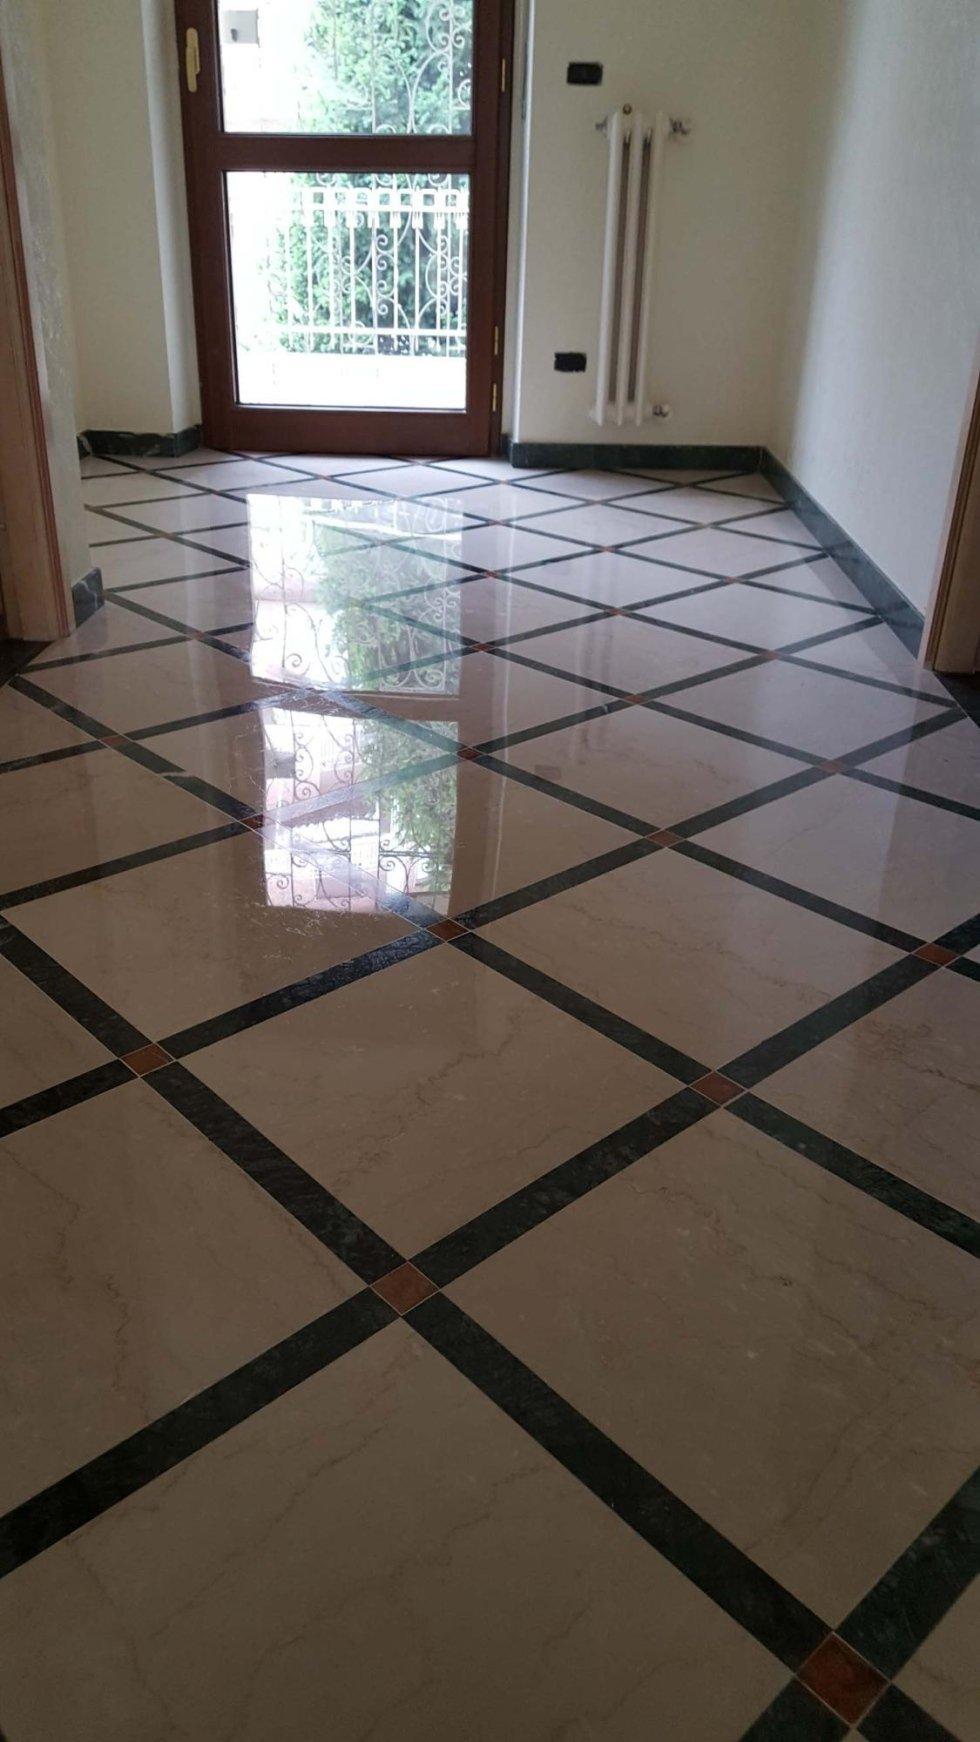 dettaglio di pavimento in marmo limpido